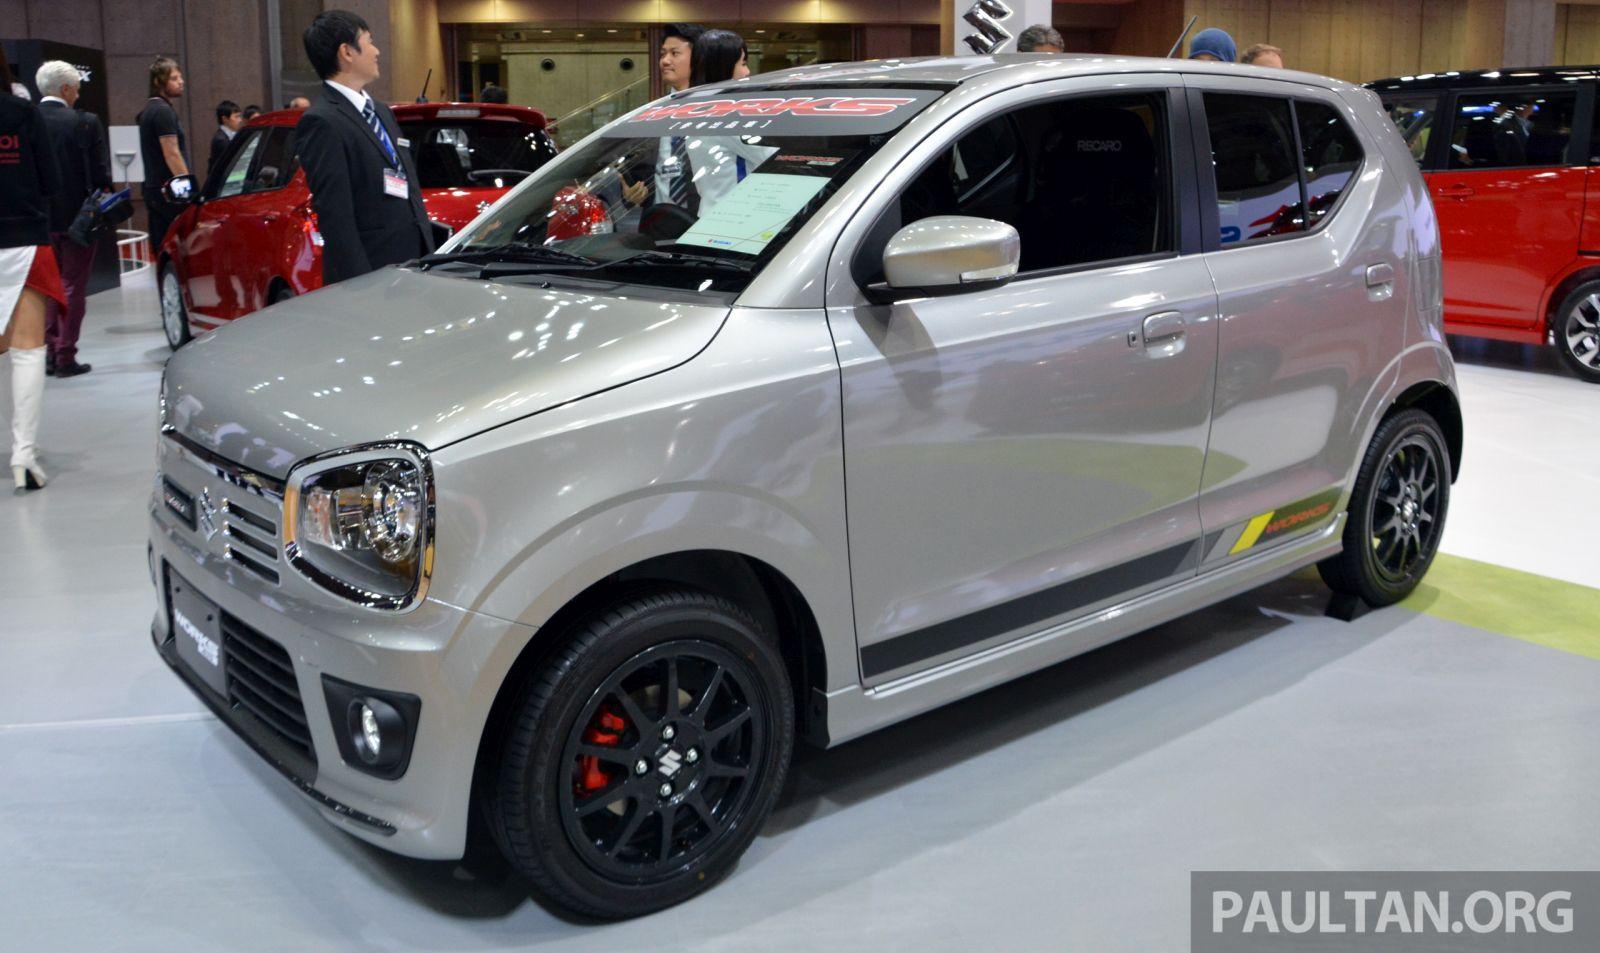 Description suzuki alto turbo rs concept front right 2015 tokyo auto -  Suzuki Alto Works 2015 Tokyo Motor Show 1